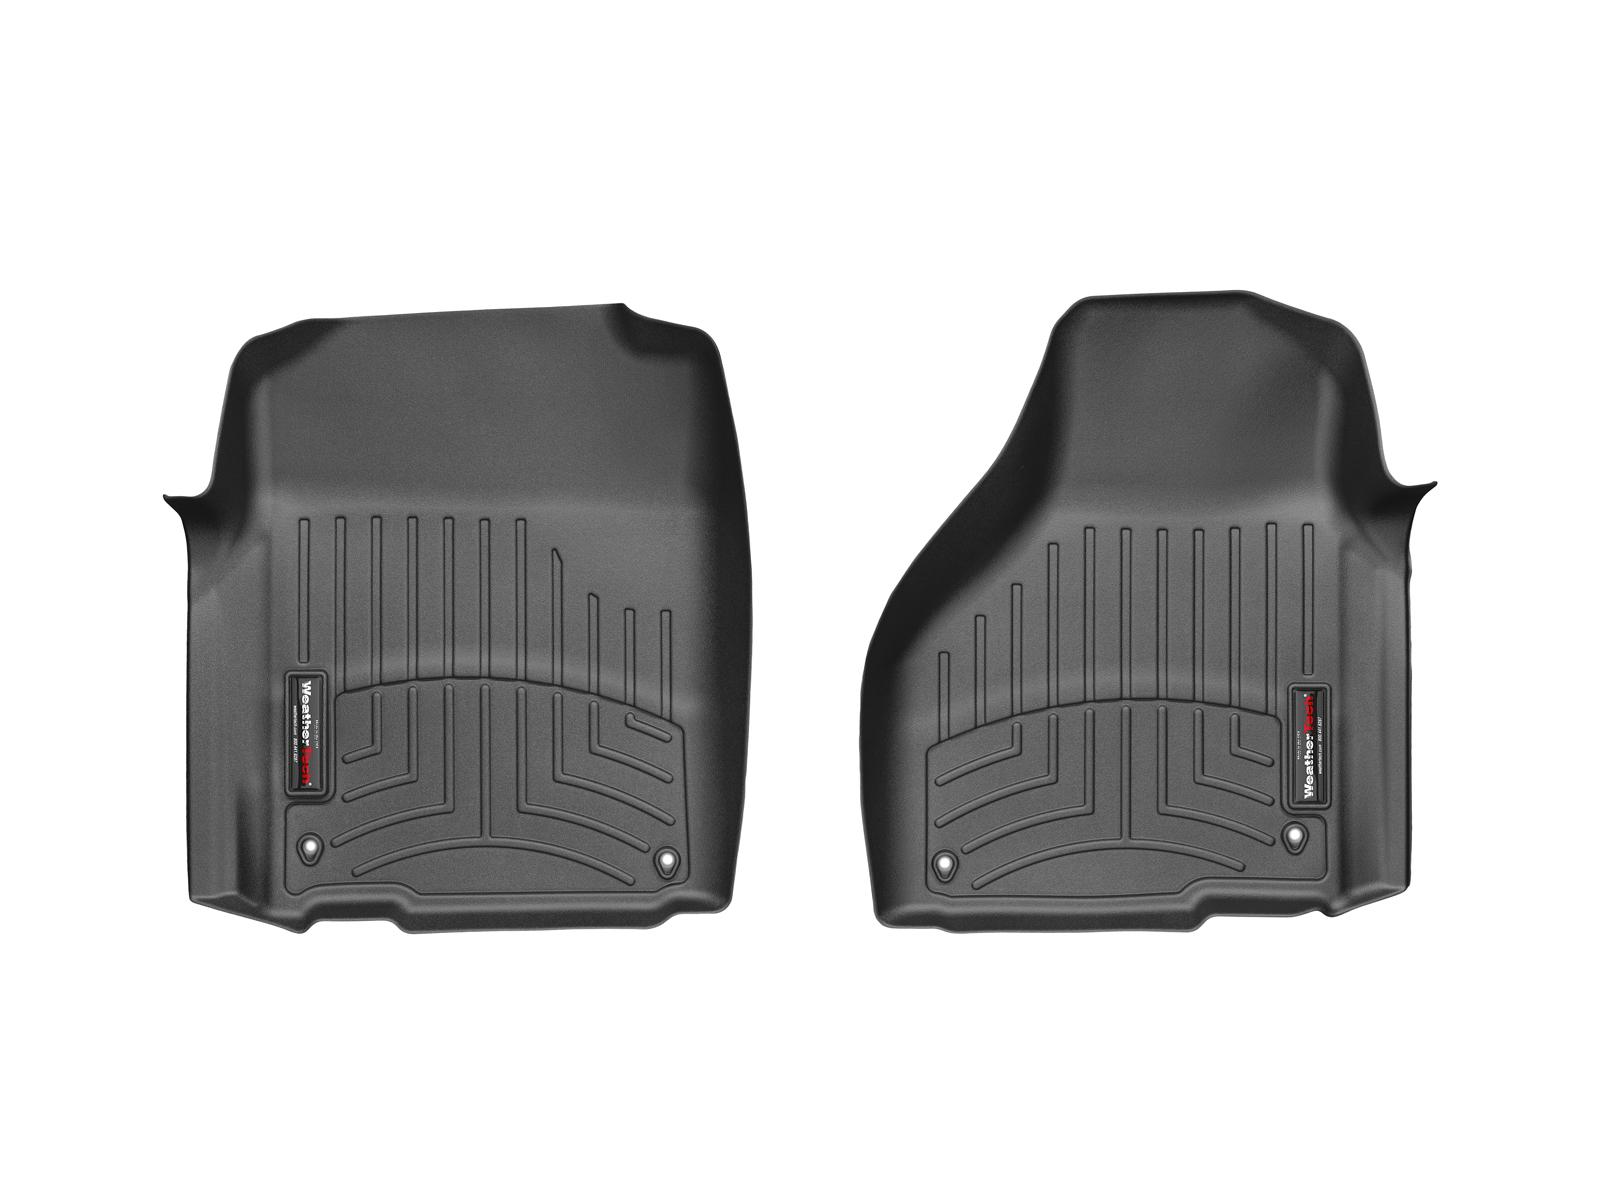 Tappeti gomma su misura bordo alto RAM Ram 1500 12>12 Nero A3187